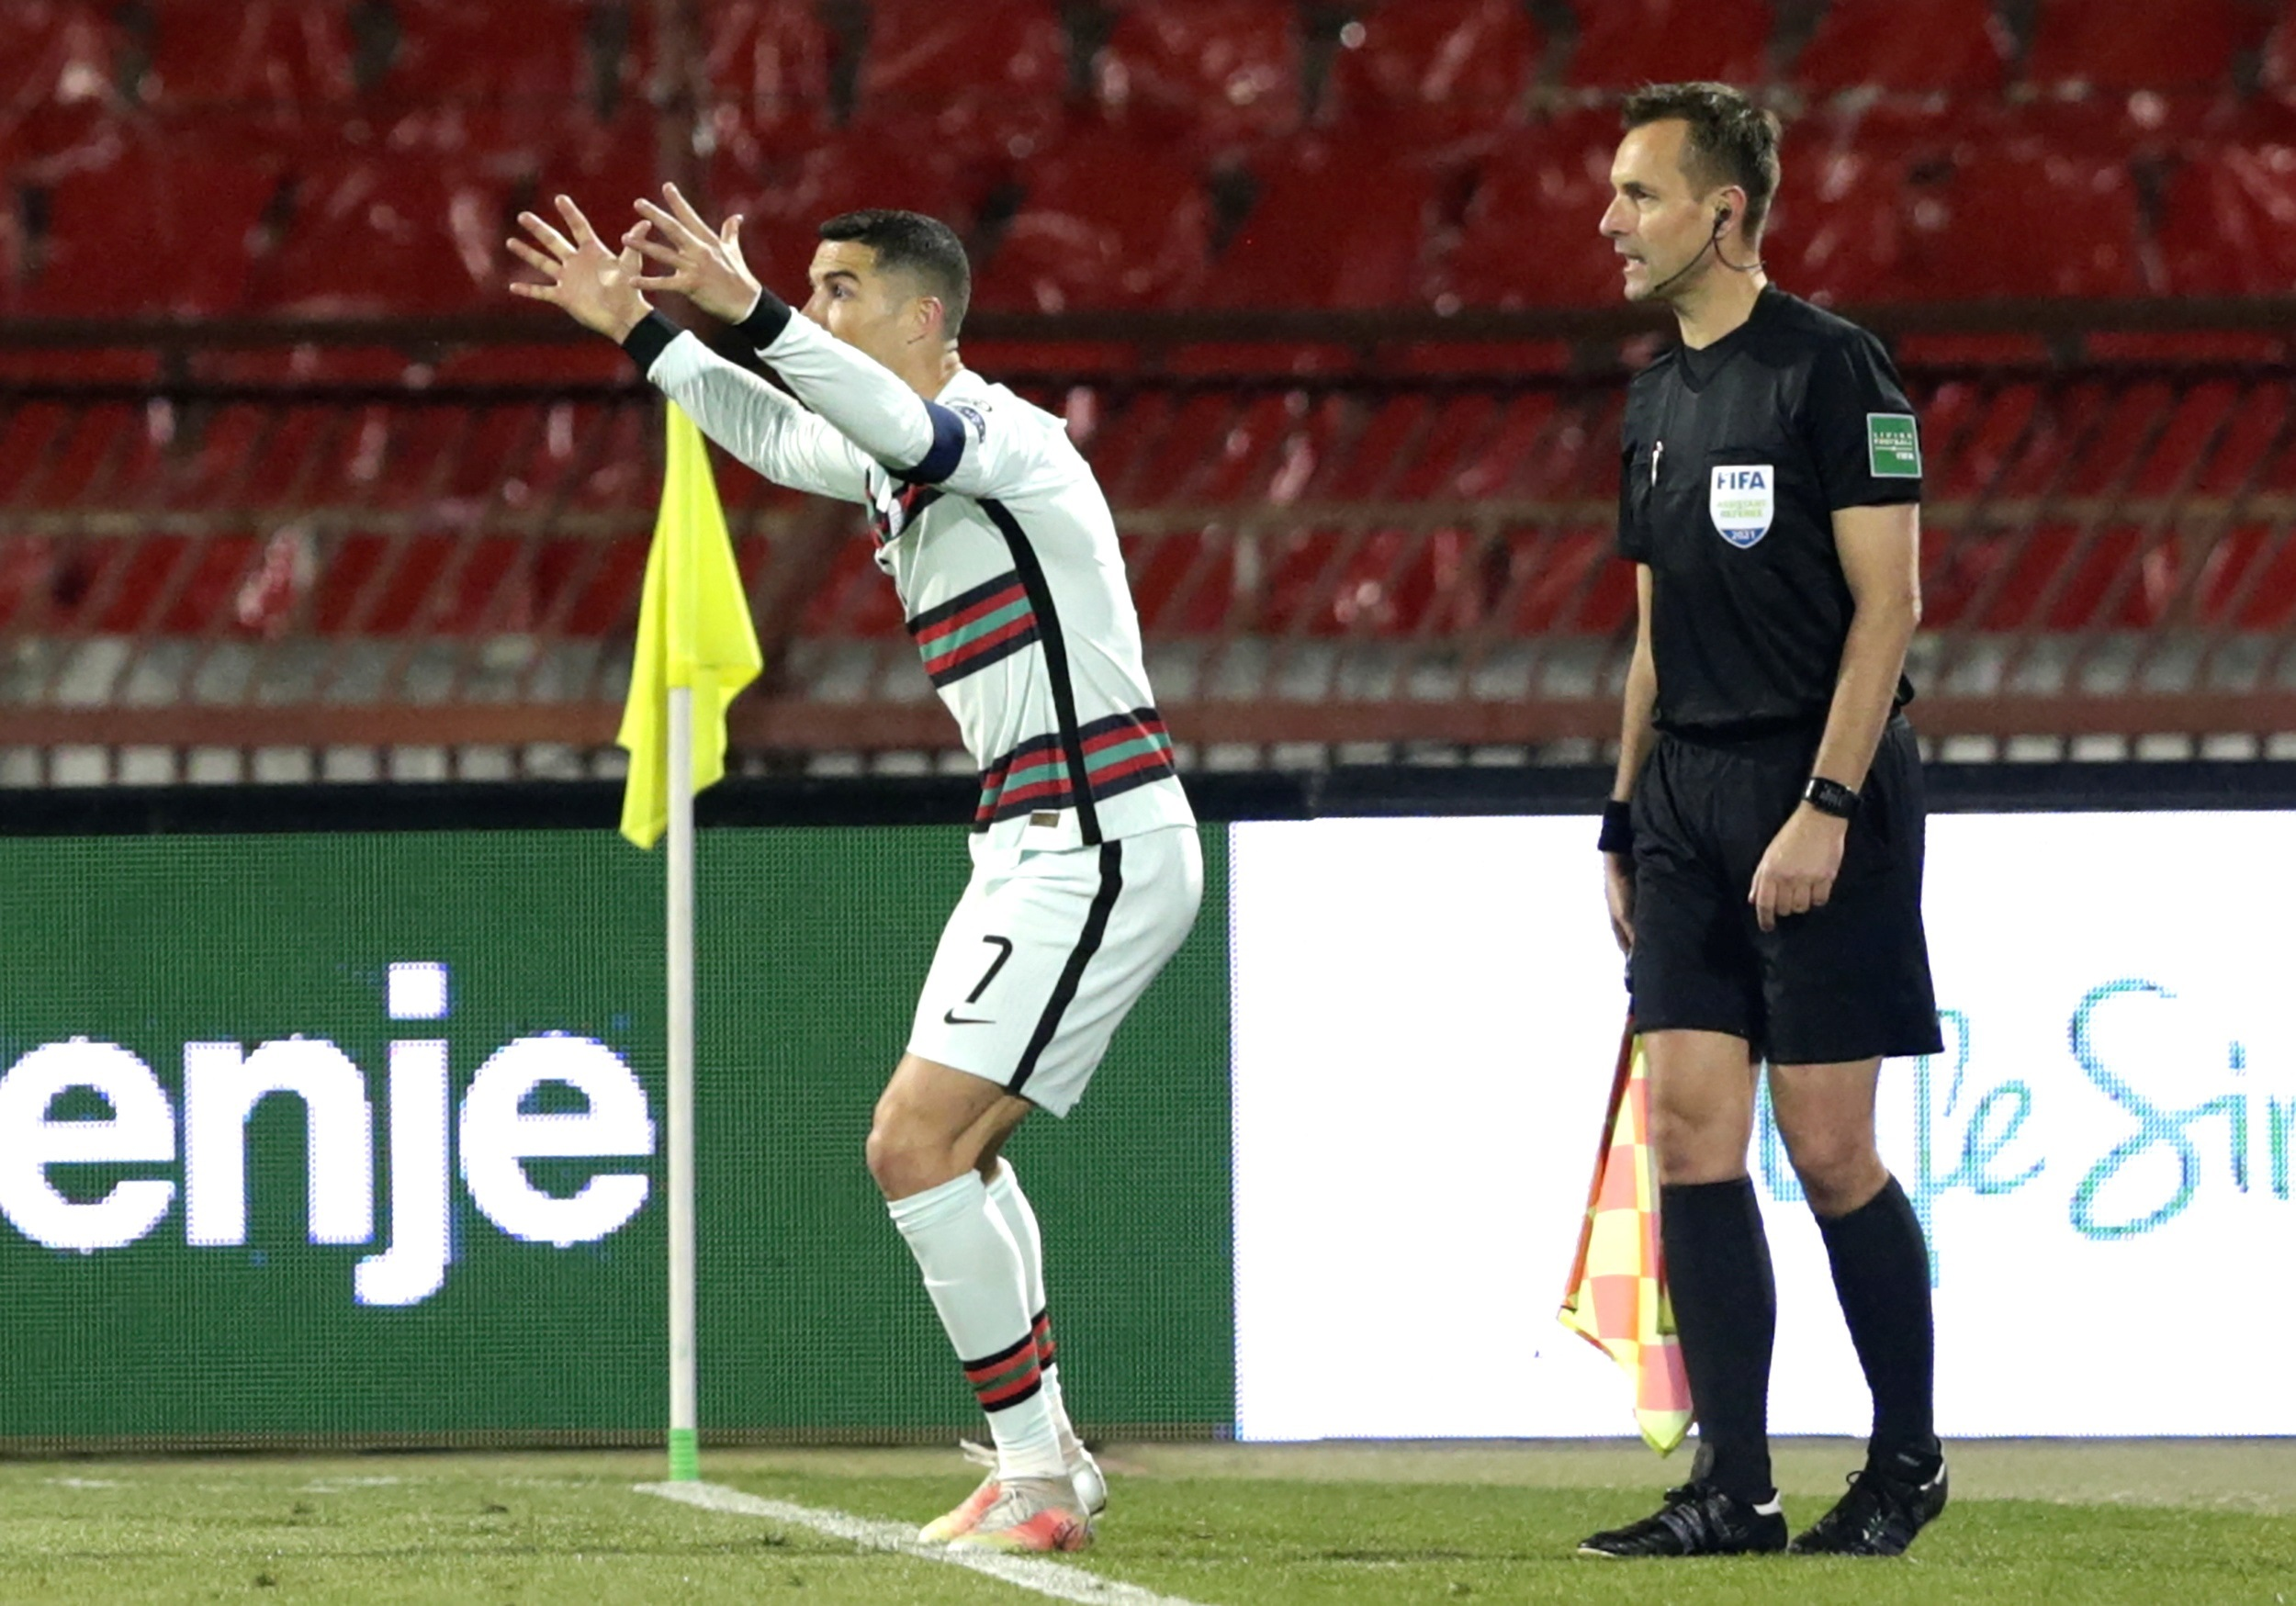 Cristiano Ronaldo protestando por la anulación del gol en la recta final del Serbia-Portugal. Foto de EFE/EPA/Andrej Cukic.